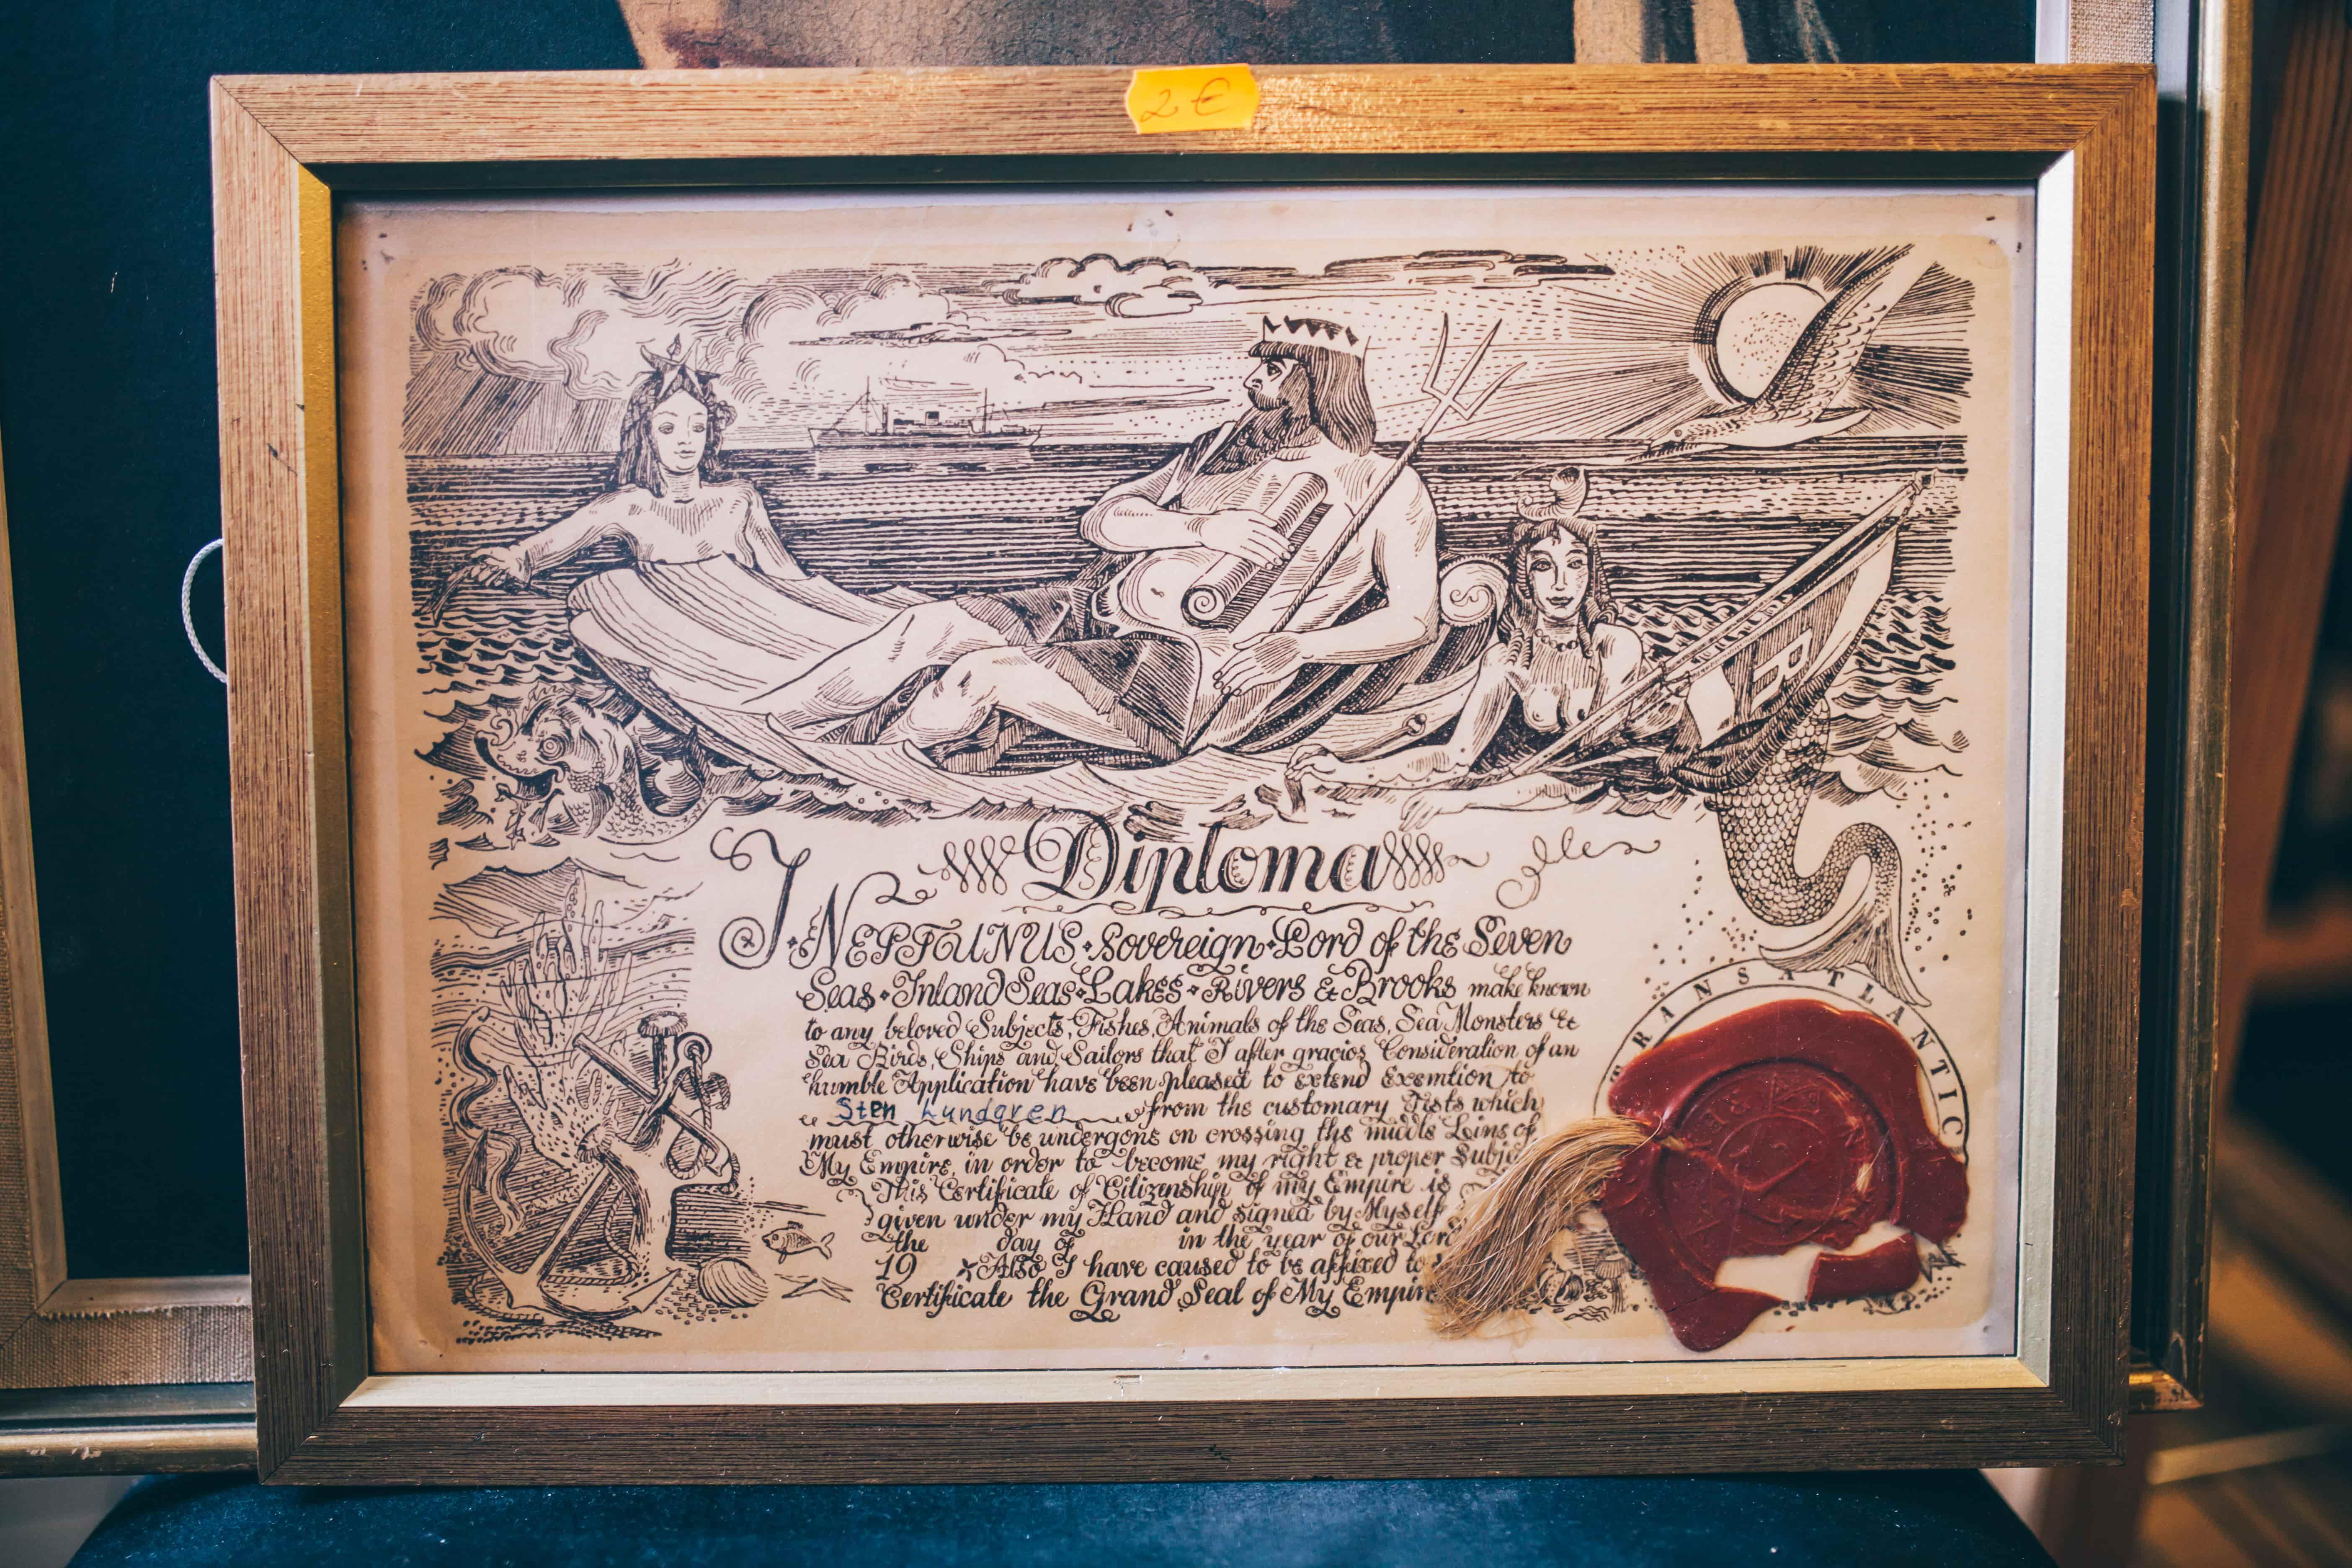 Tõeline kalligraafia meistriteos vahapitsatiga. Osteti ära meie silme all.